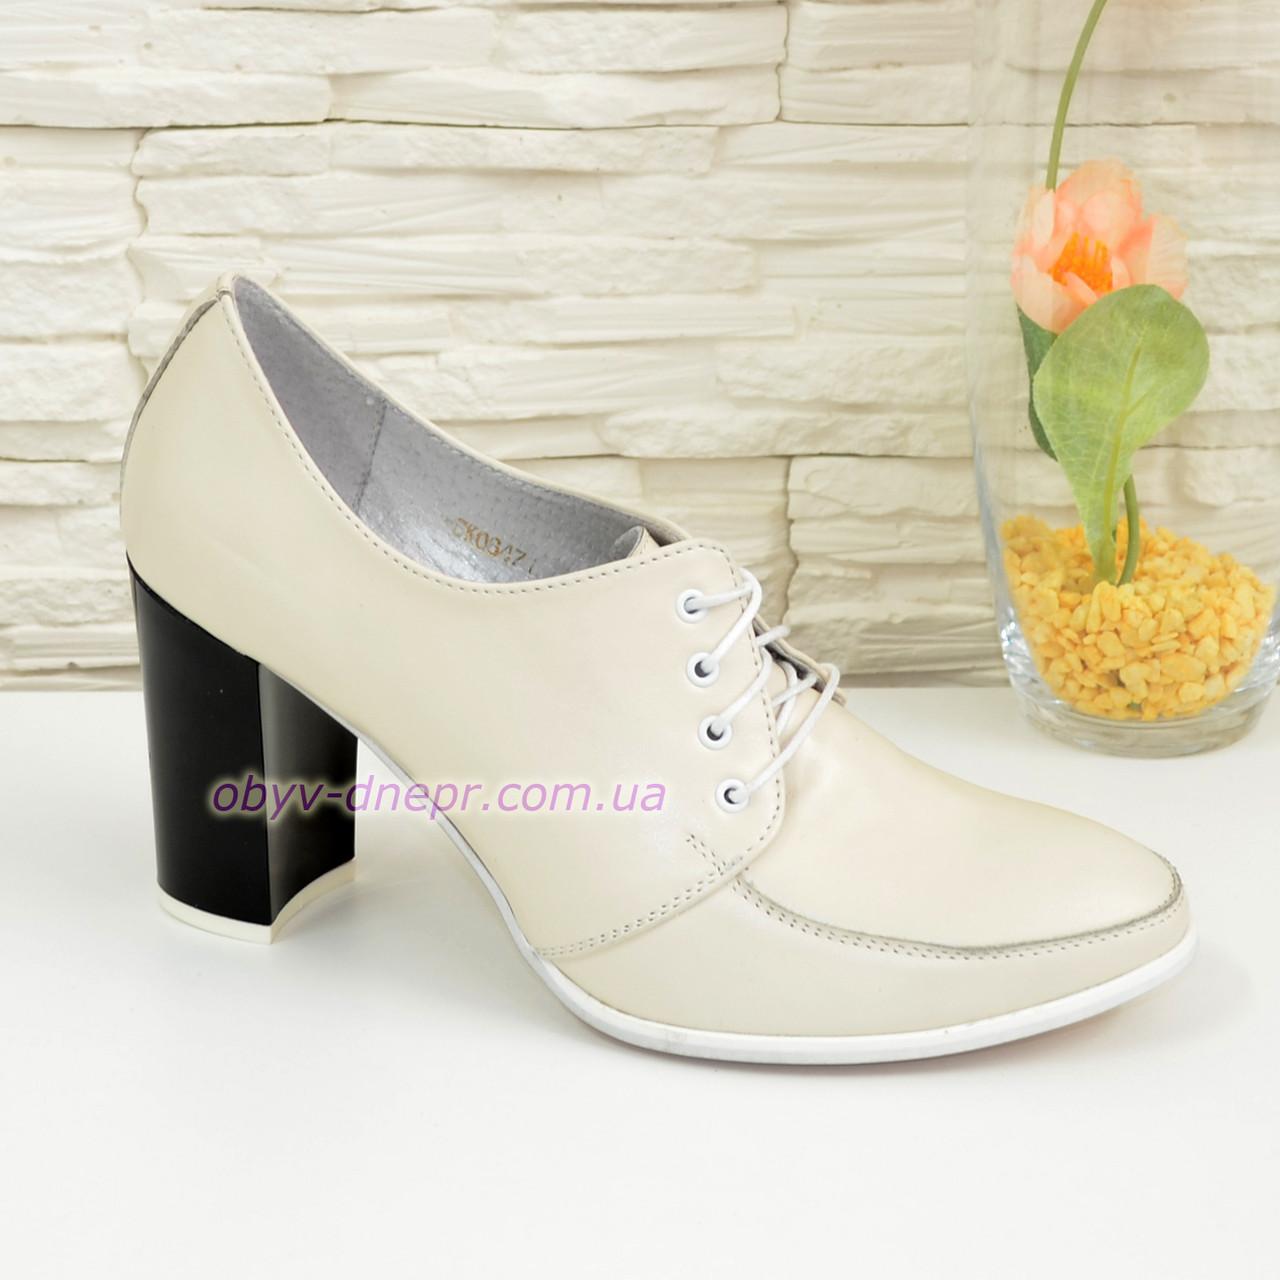 152a891d7 Туфли женские бежевые на высоком каблуке, натуральная кожа.: продажа ...